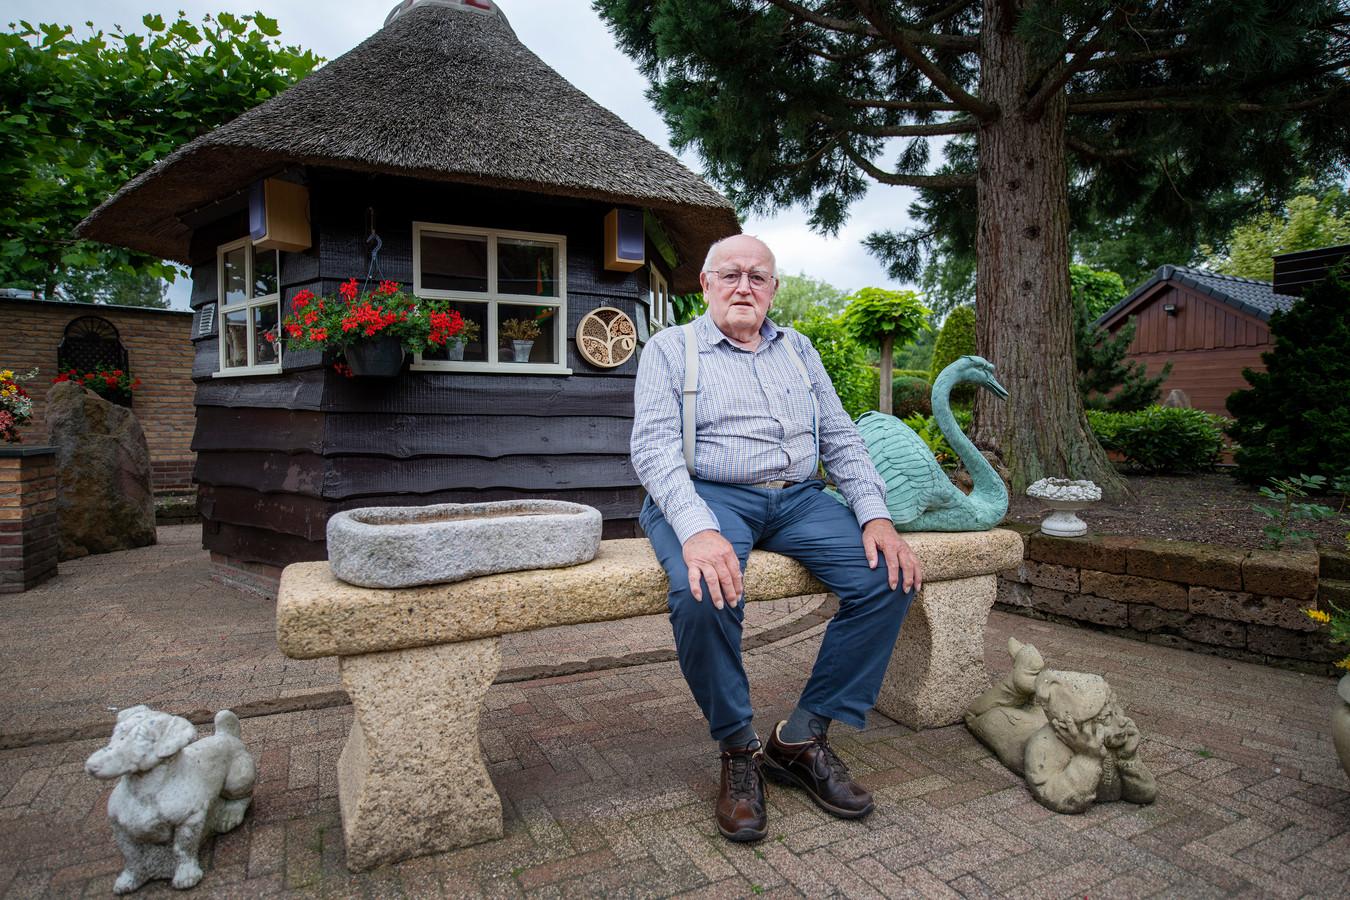 Cor Brinkman (75) ondergaat chemotherapie. Sinds kort hoeft hij daarvoor niet meer naar het ziekenhuis, maar krijgt hij de behandeling in gezondheidscentrum Beekpark.